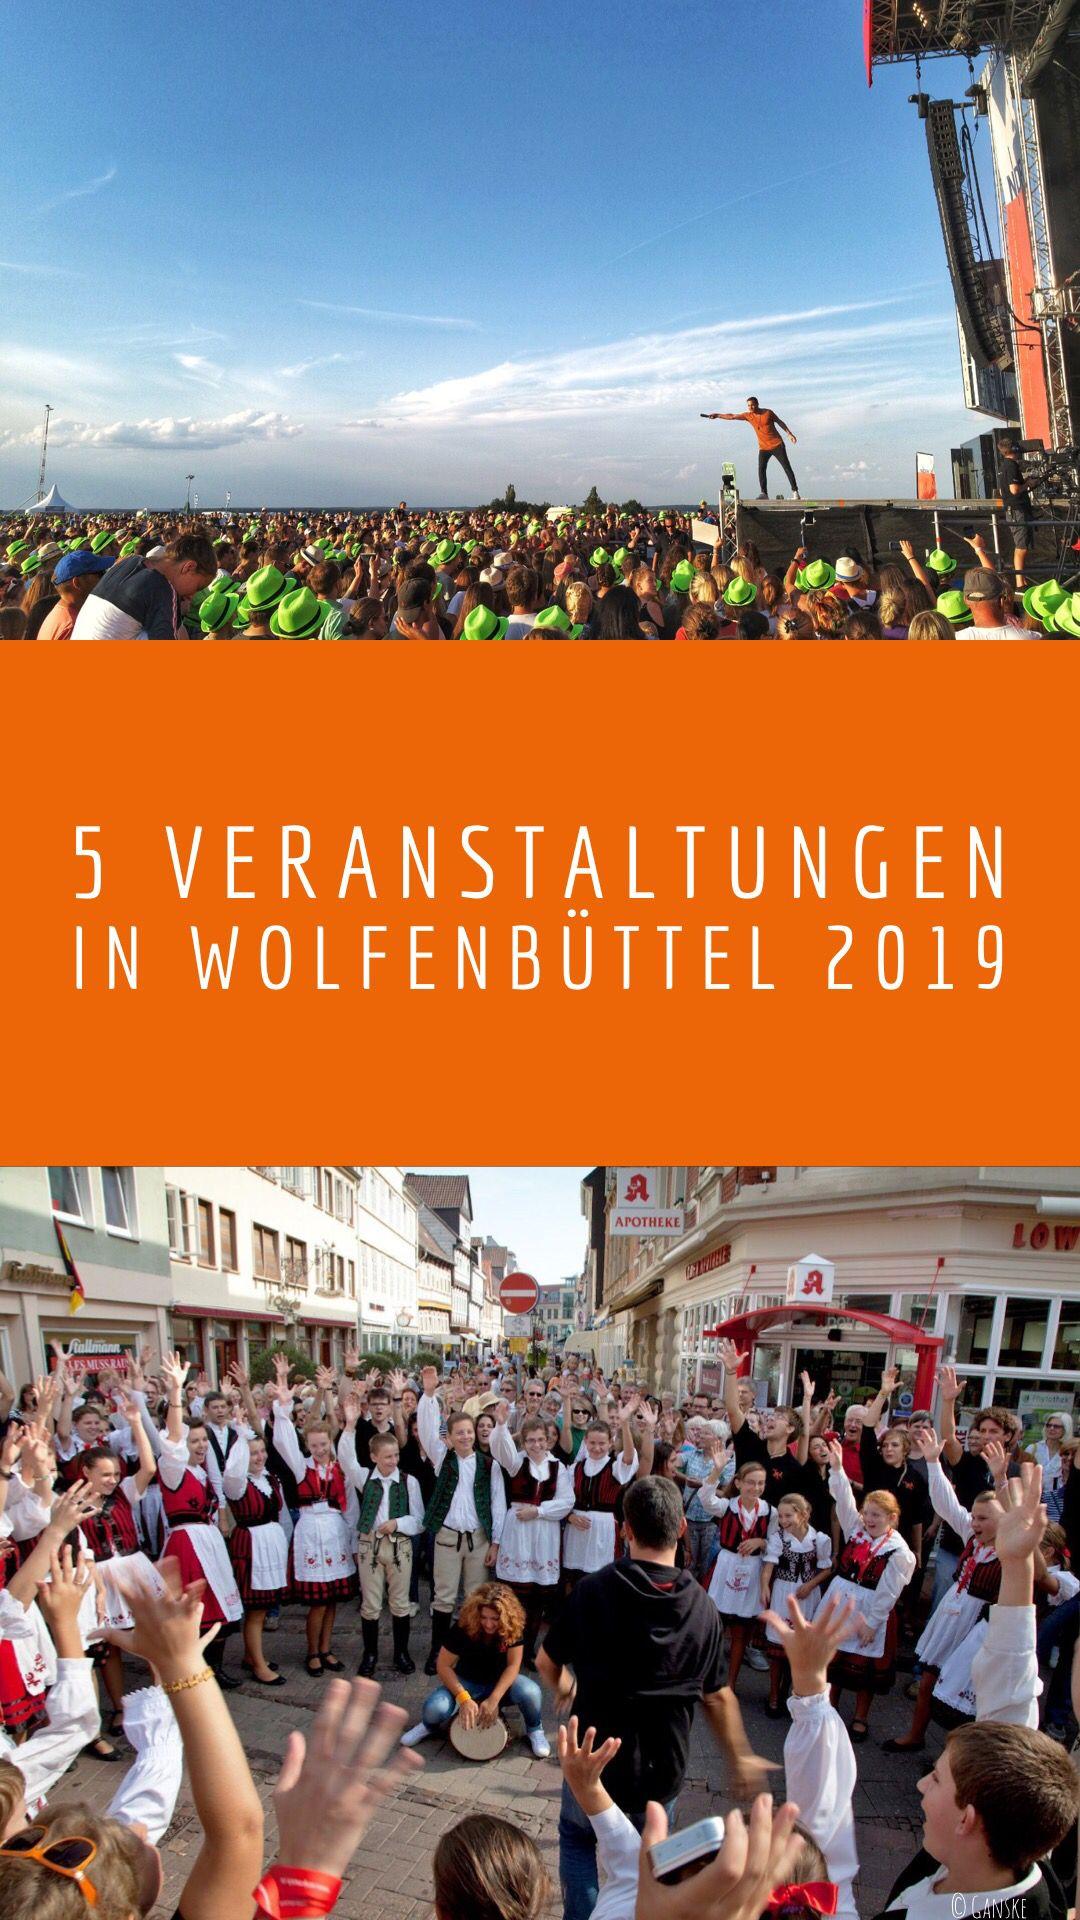 5 Veranstaltungen In Wolfenbuttel 2019 Wolfenbuttel Veranstaltung Veranstaltungstipps